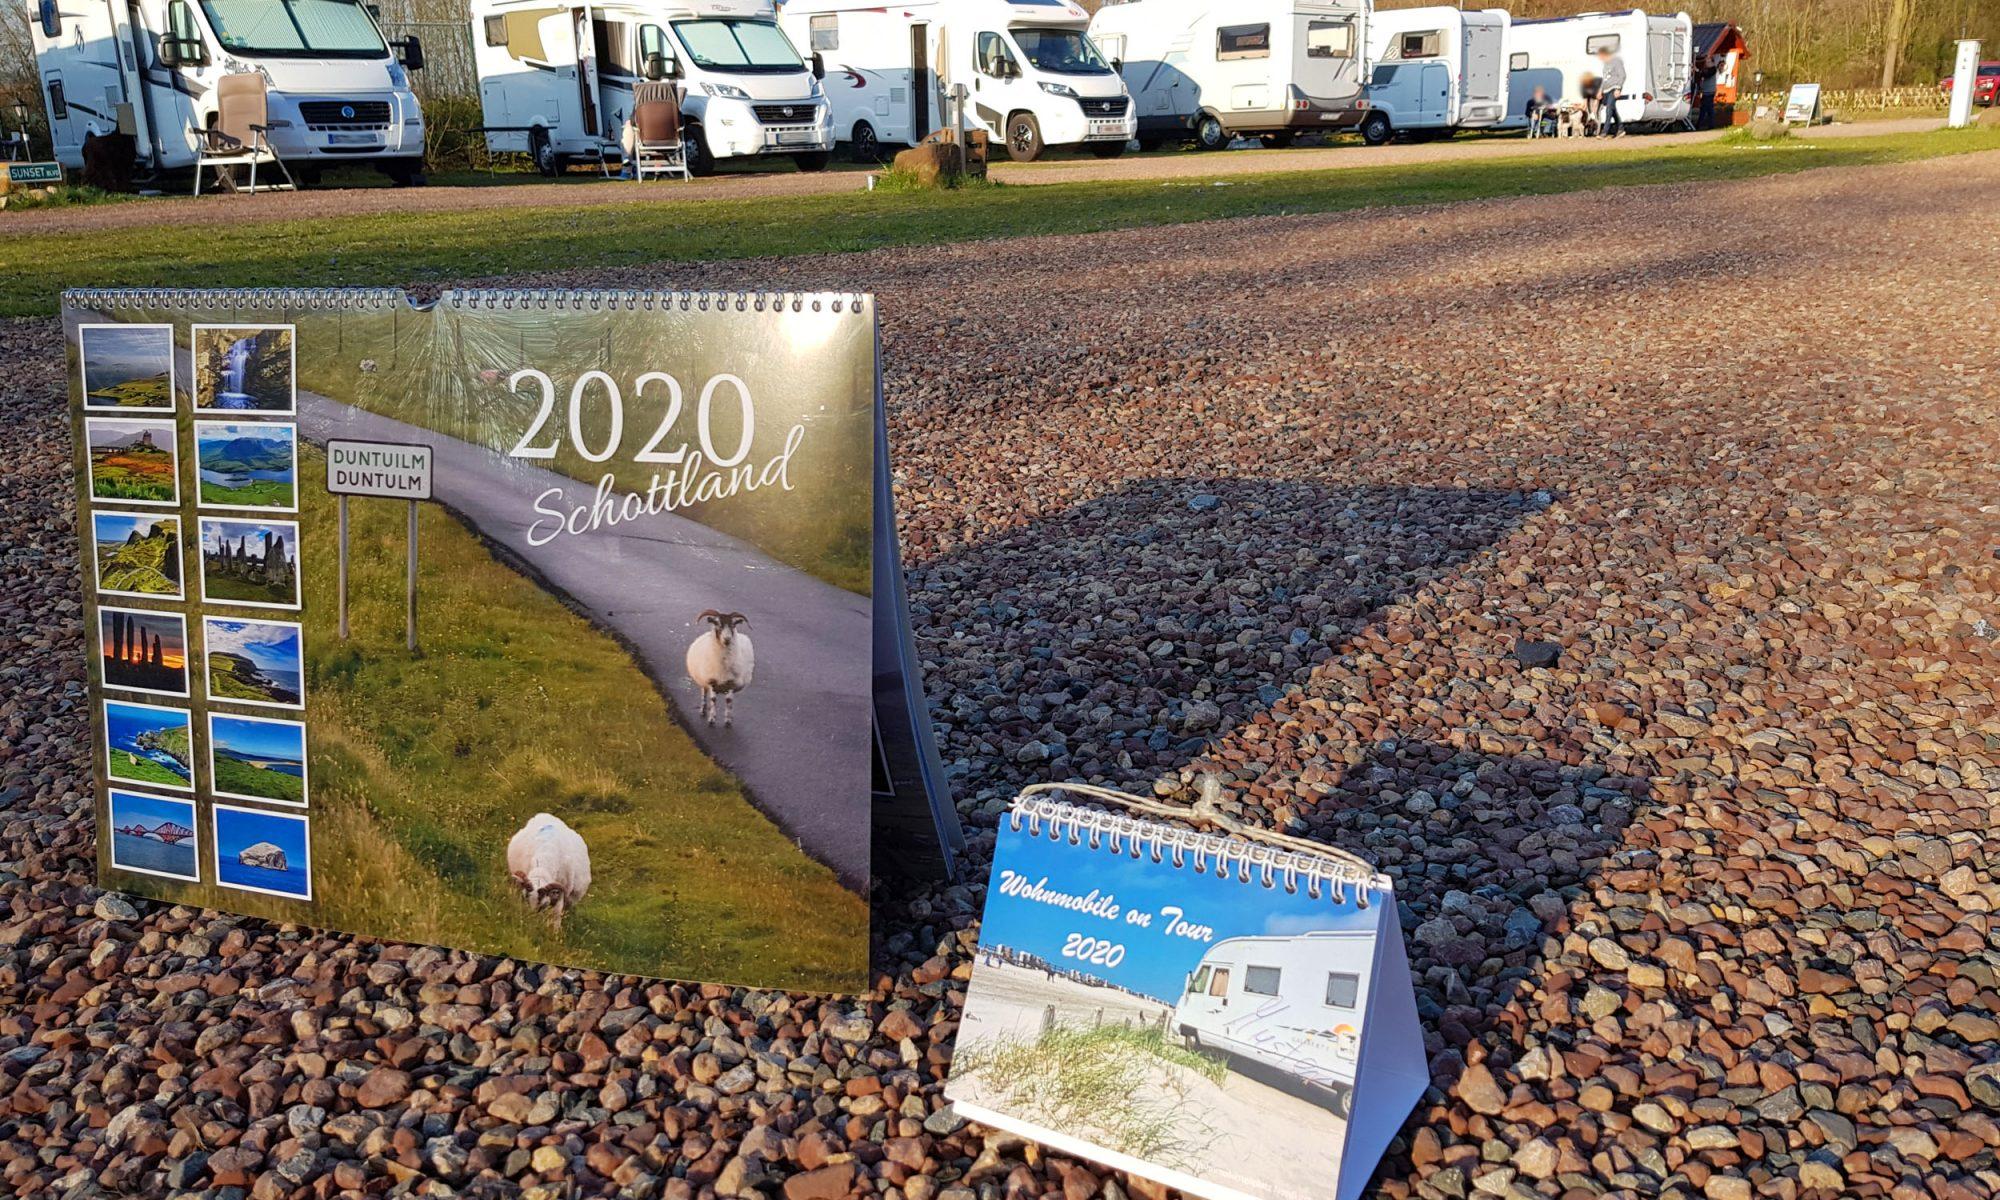 Wohnmobil-Kalender